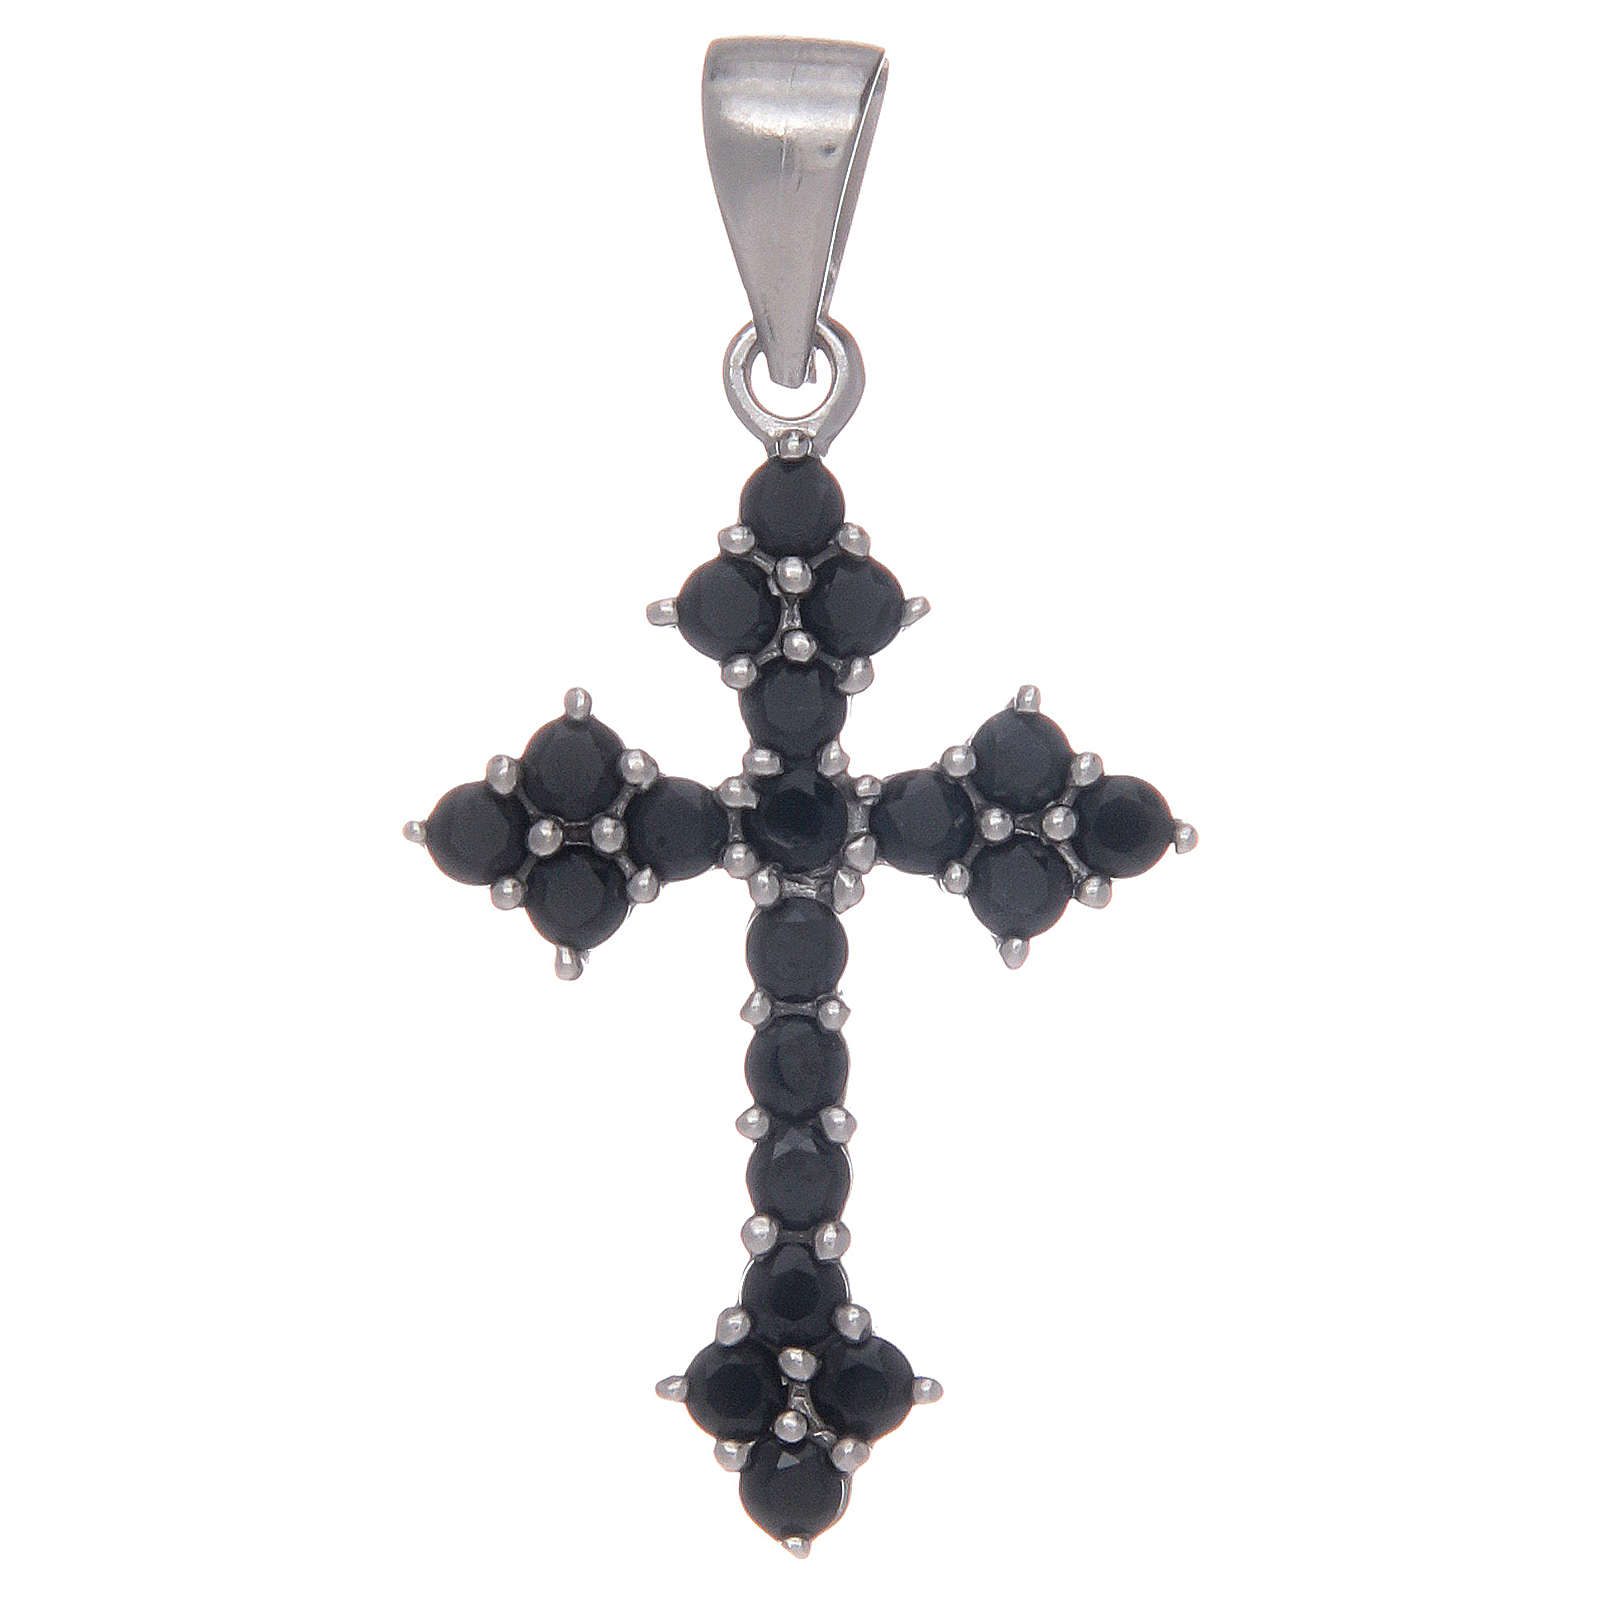 Croce trilobata in Argento 925 con zirconi neri 4